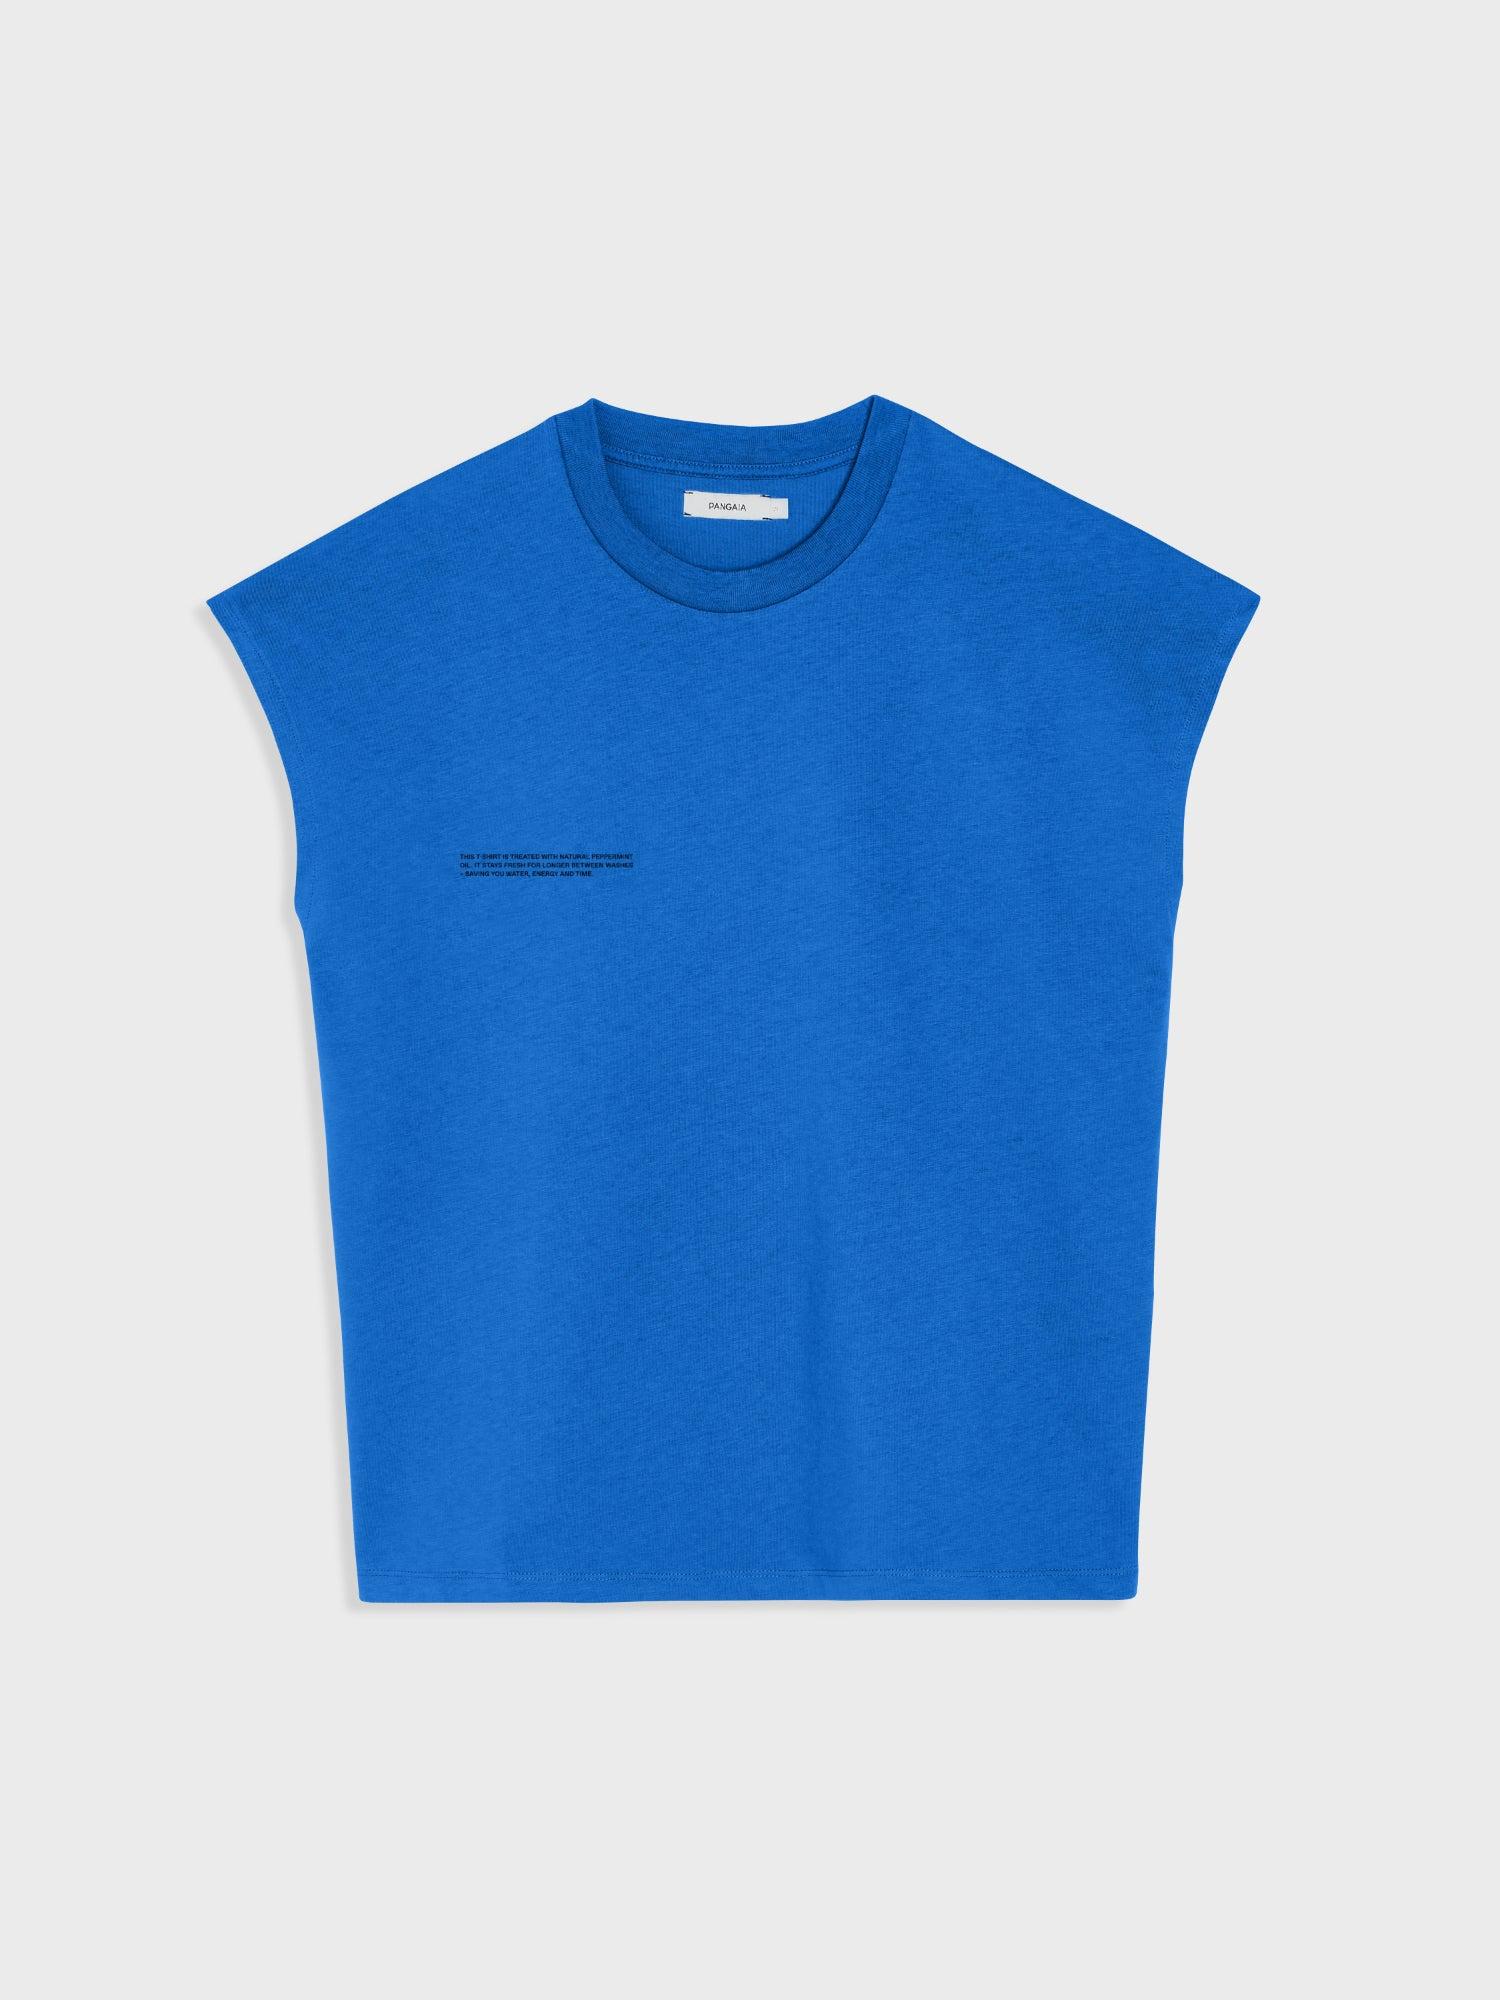 PPRMINT™ Organic Cotton Cropped Shoulder T-shirt